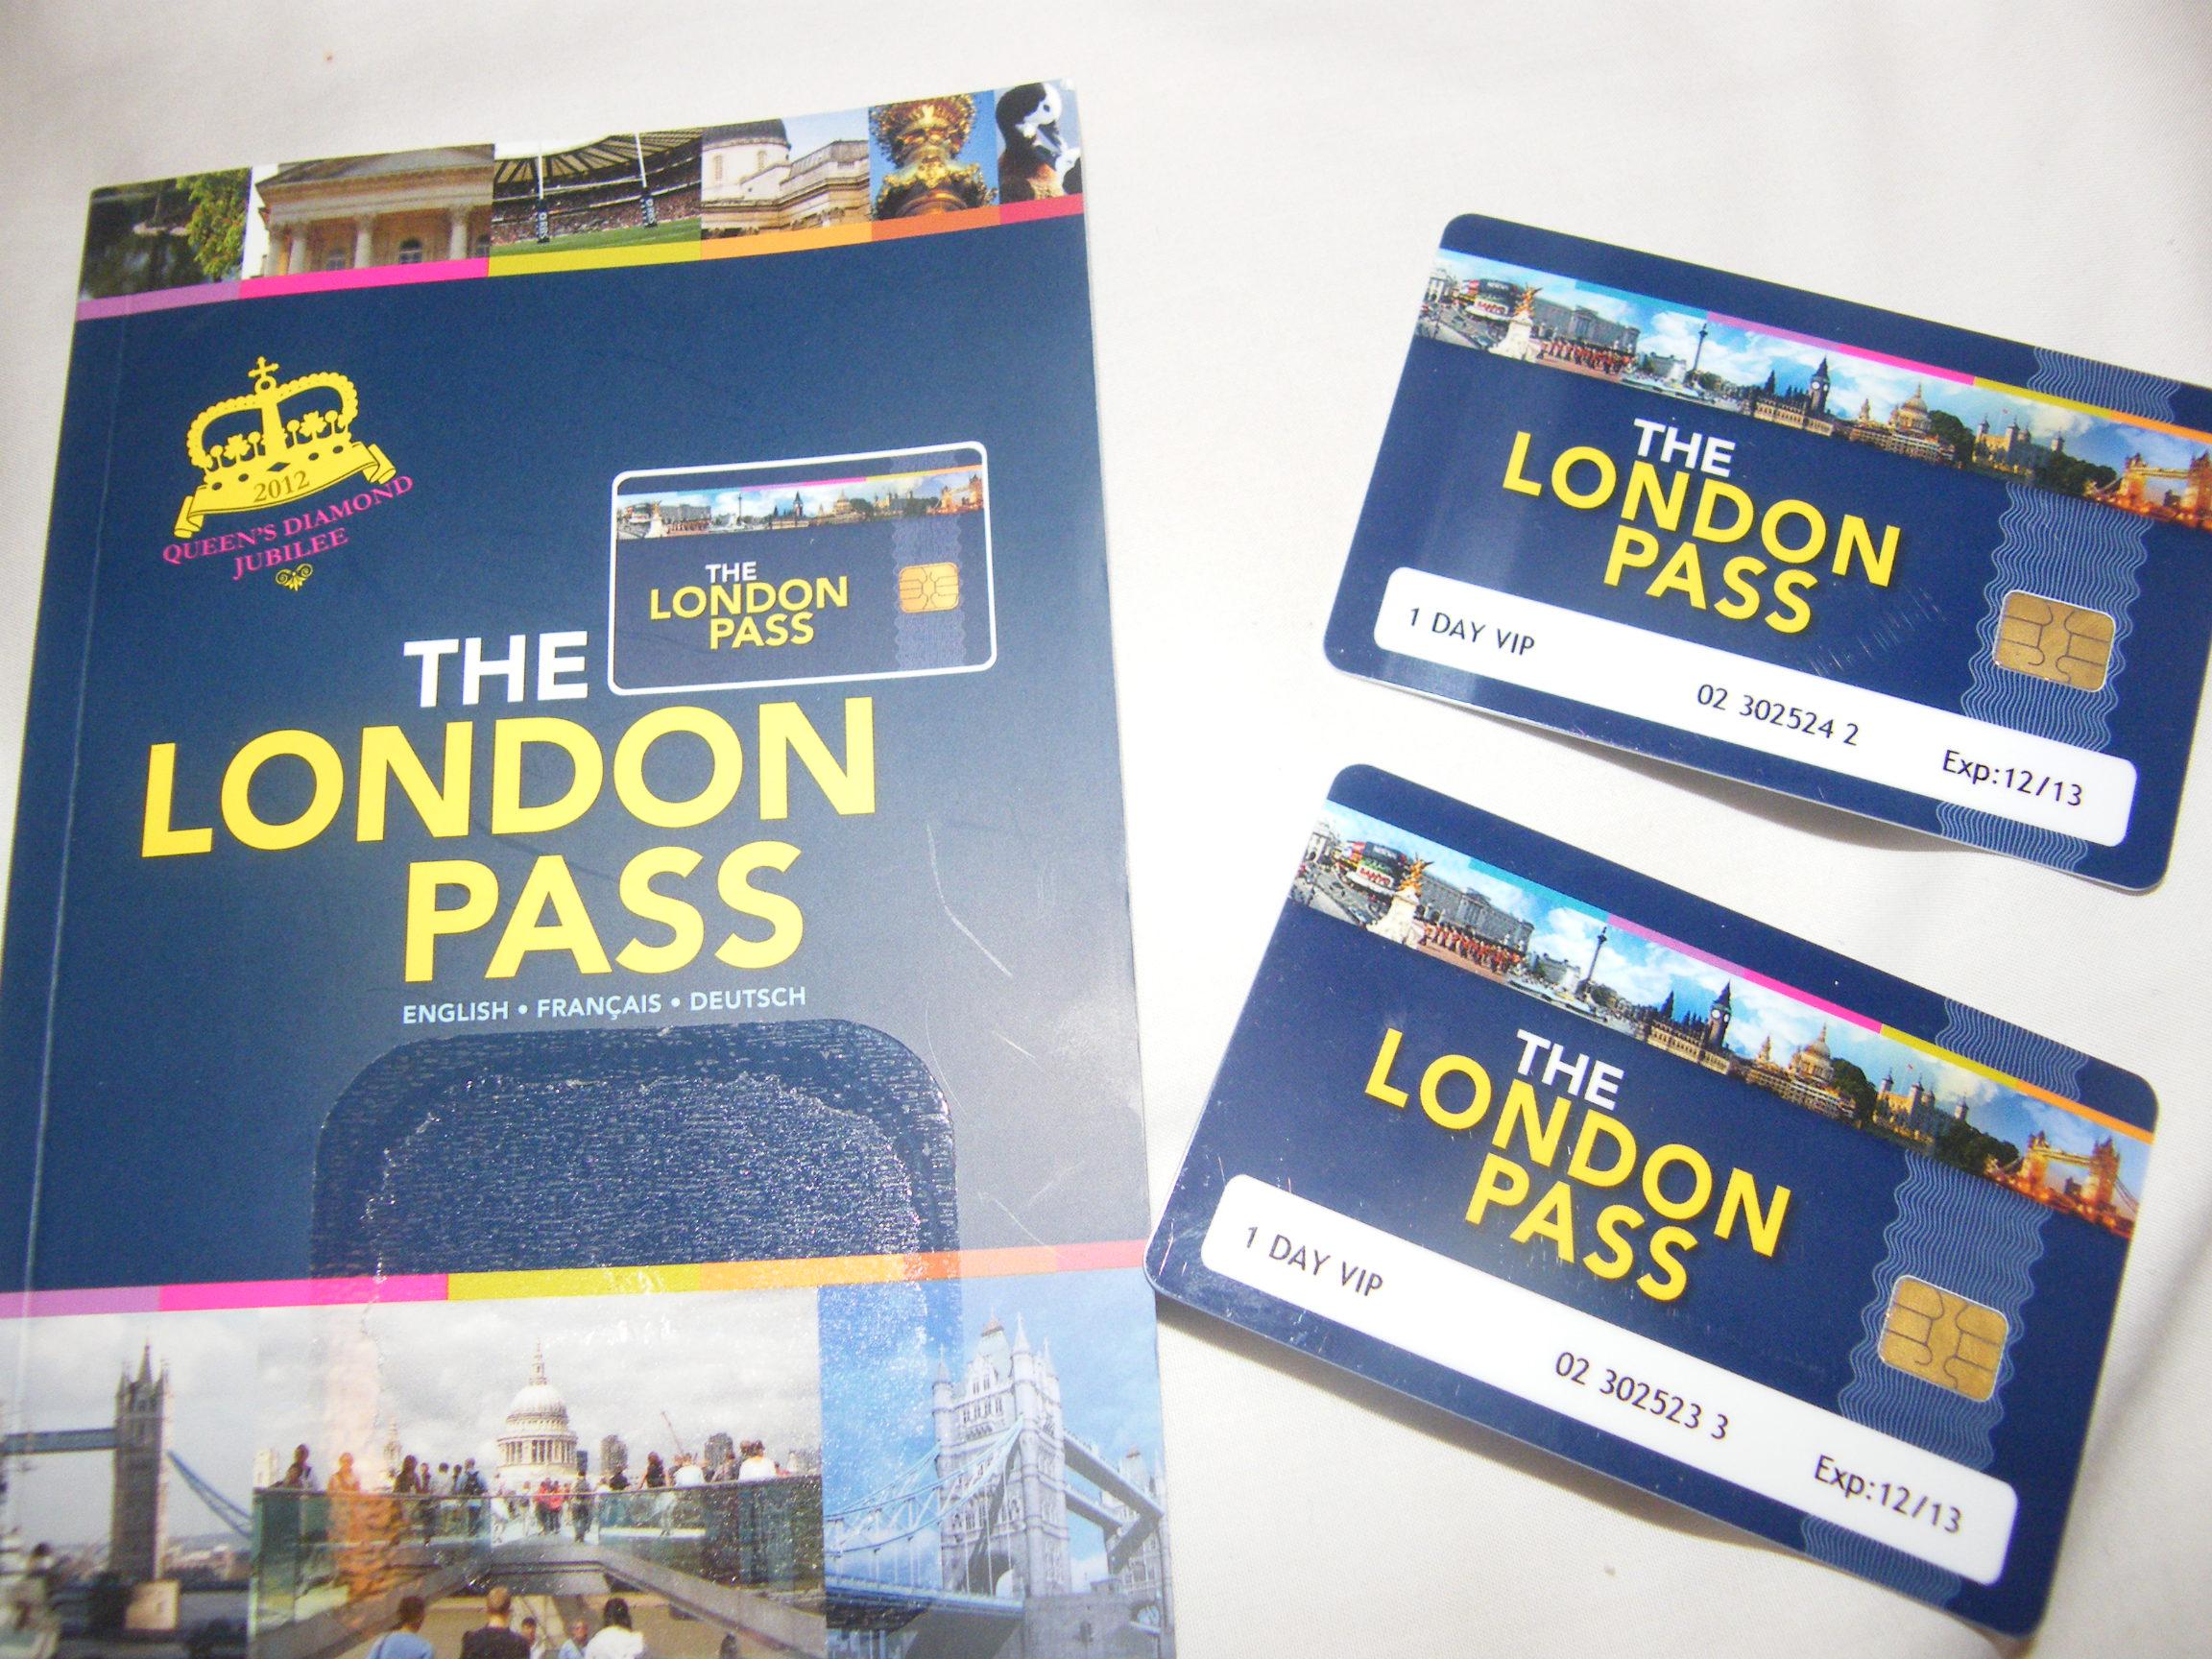 Sans Le Transport Compris Ce Pass Une Journe Vaut 46 Mais Avec La Travelcard Londres Toutes Zones Et Transports Inclus Carte 54